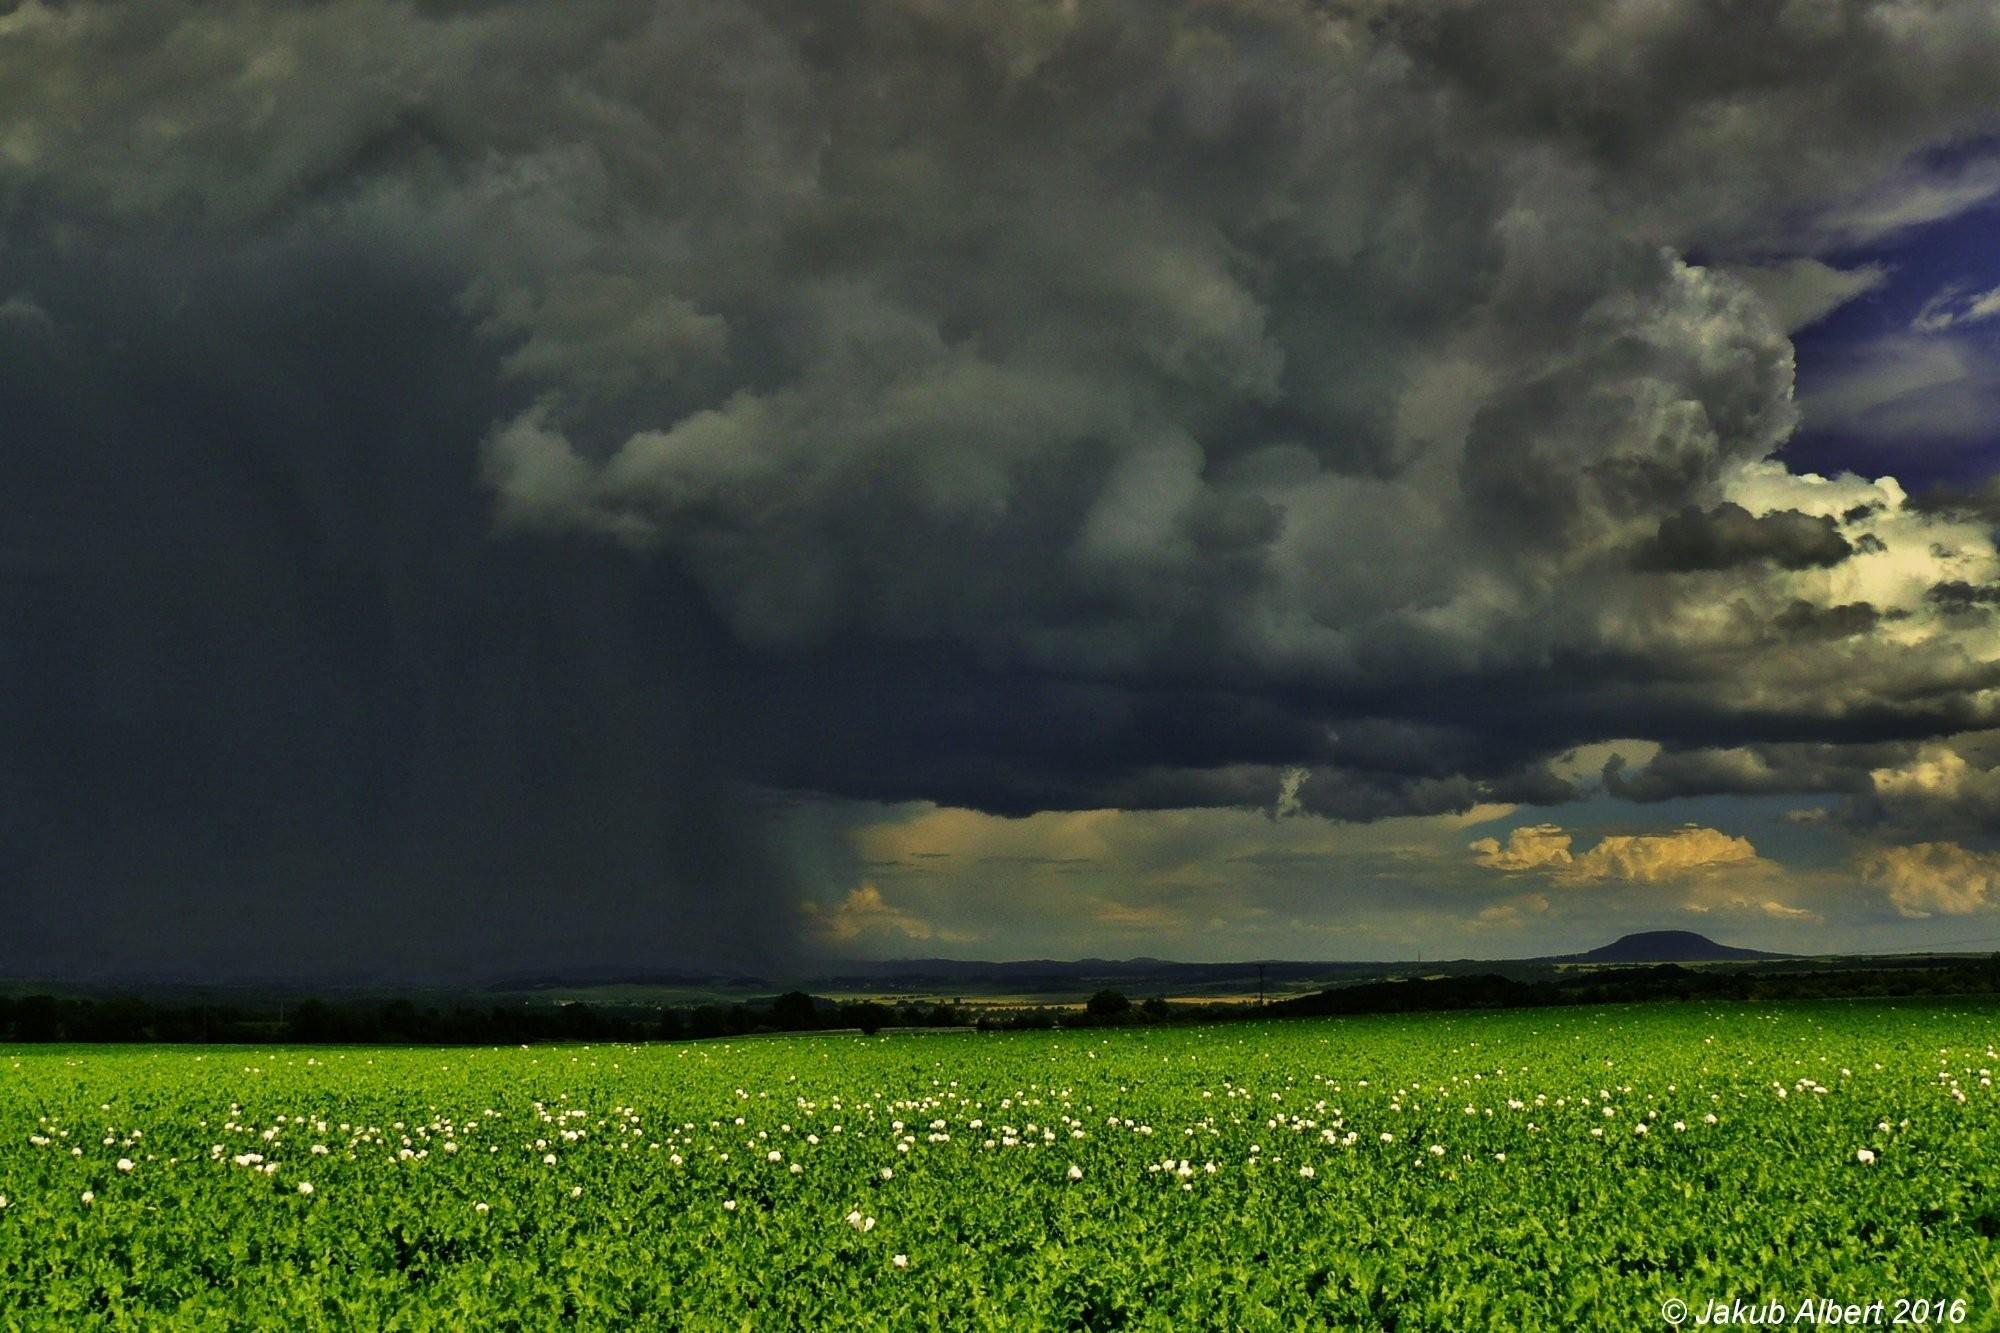 Odcházející bouřka z Litoměřicka